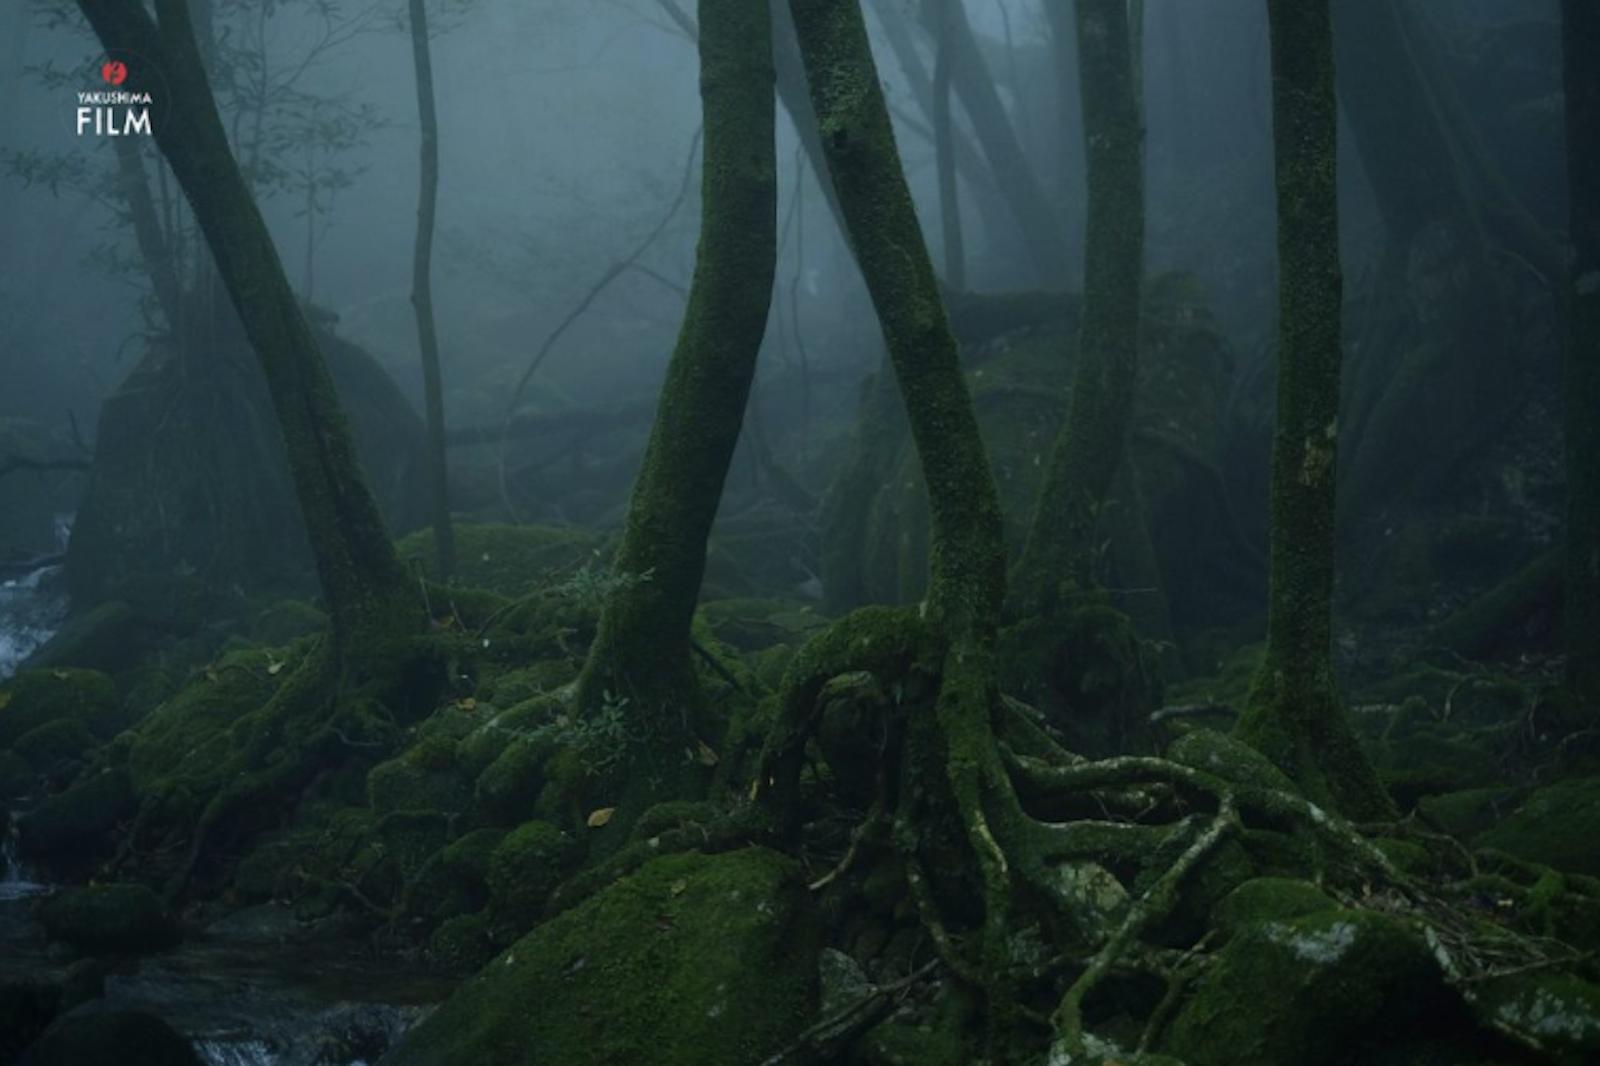 「靄(もや)」 皆川さん撮影